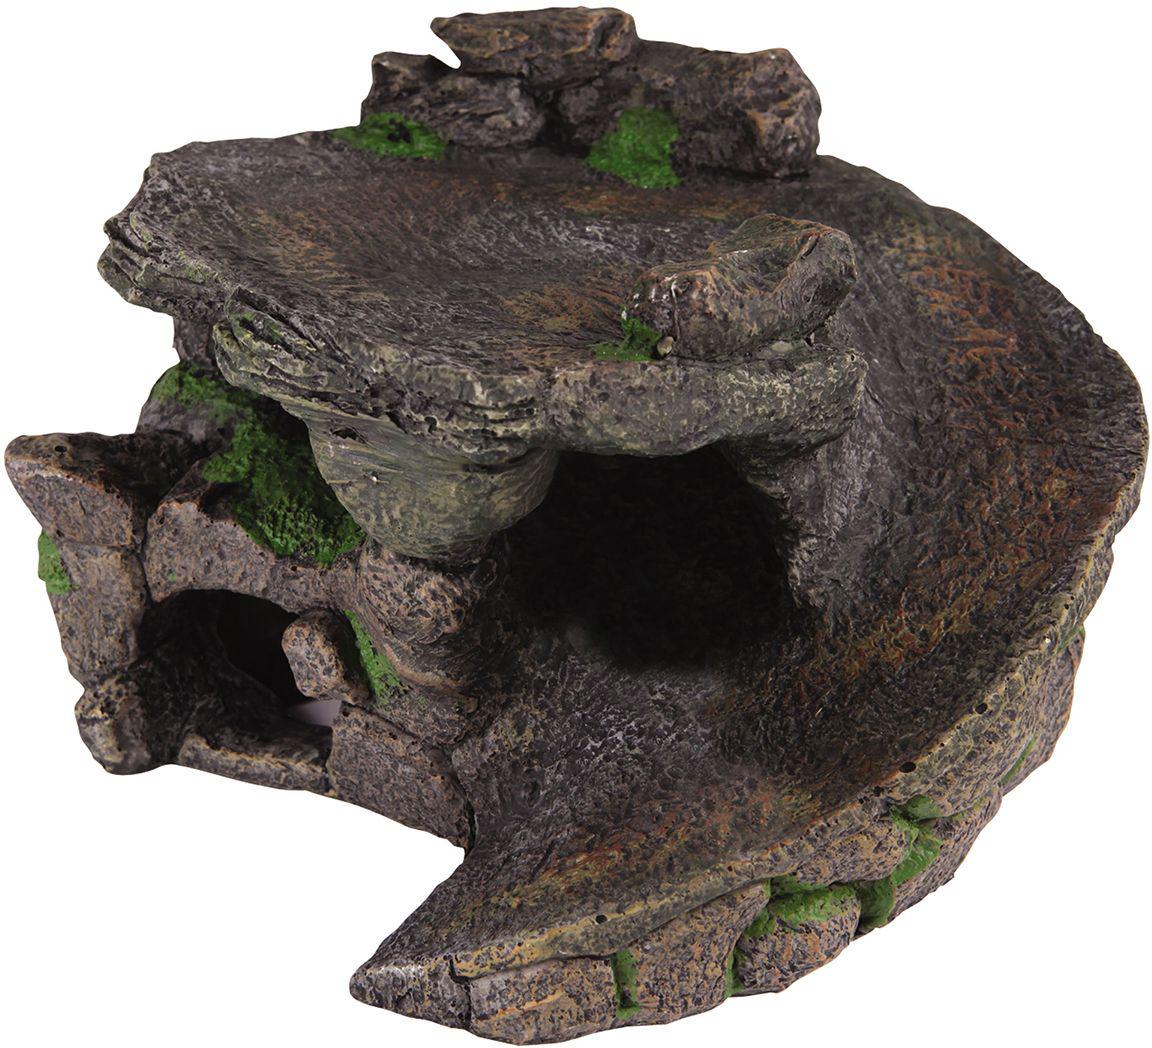 Аквадекор для черепах Dezzie Убежище, 23х22,5х14 см5602334Для многих водных черепах появления грота-островка в жилище является огромной радостью и необходимостью. Водные черепахи нуждаются в обогреваемом участке суши, который позвояет им отдохнуть, погреться и набраться сил для водных путешествий.